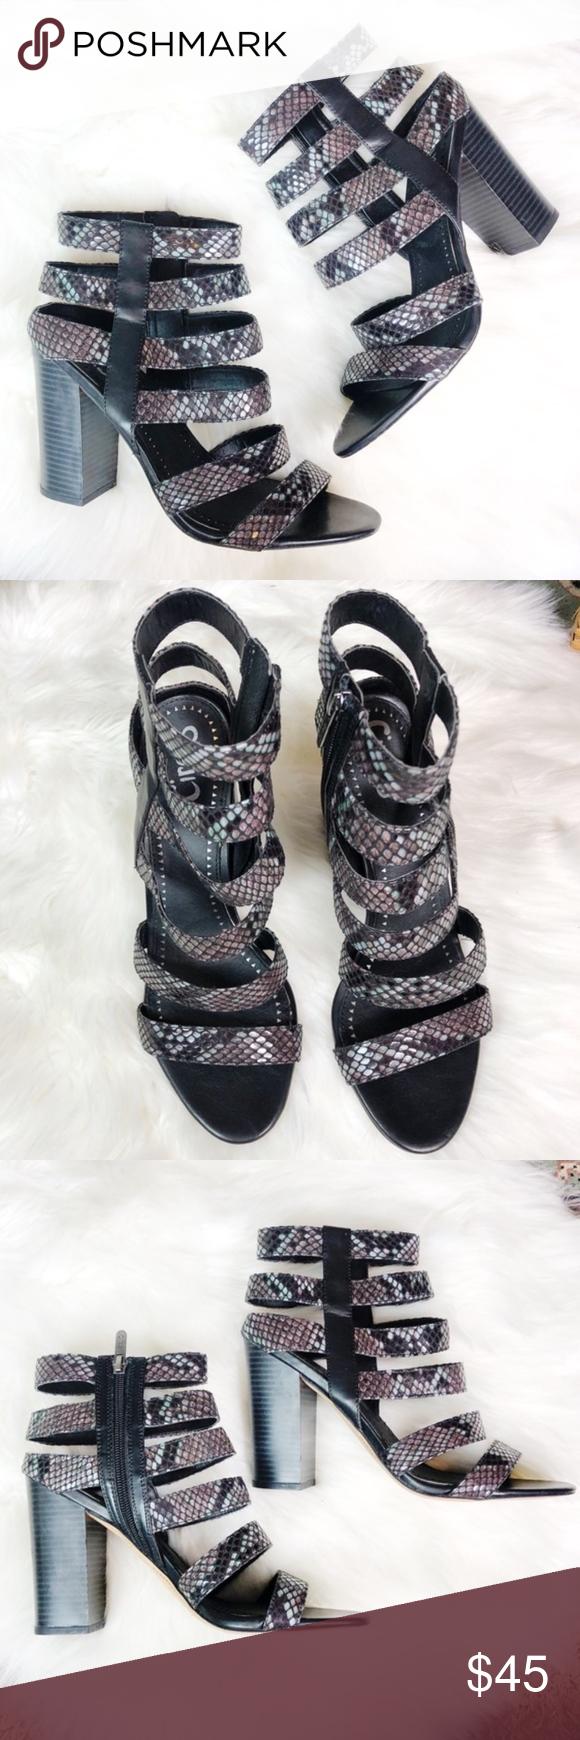 71ad286e1 Circus Sam Edelman Neva Snake Caged Booties Heels Gorgeous heels by Circus  by Sam Edelman in